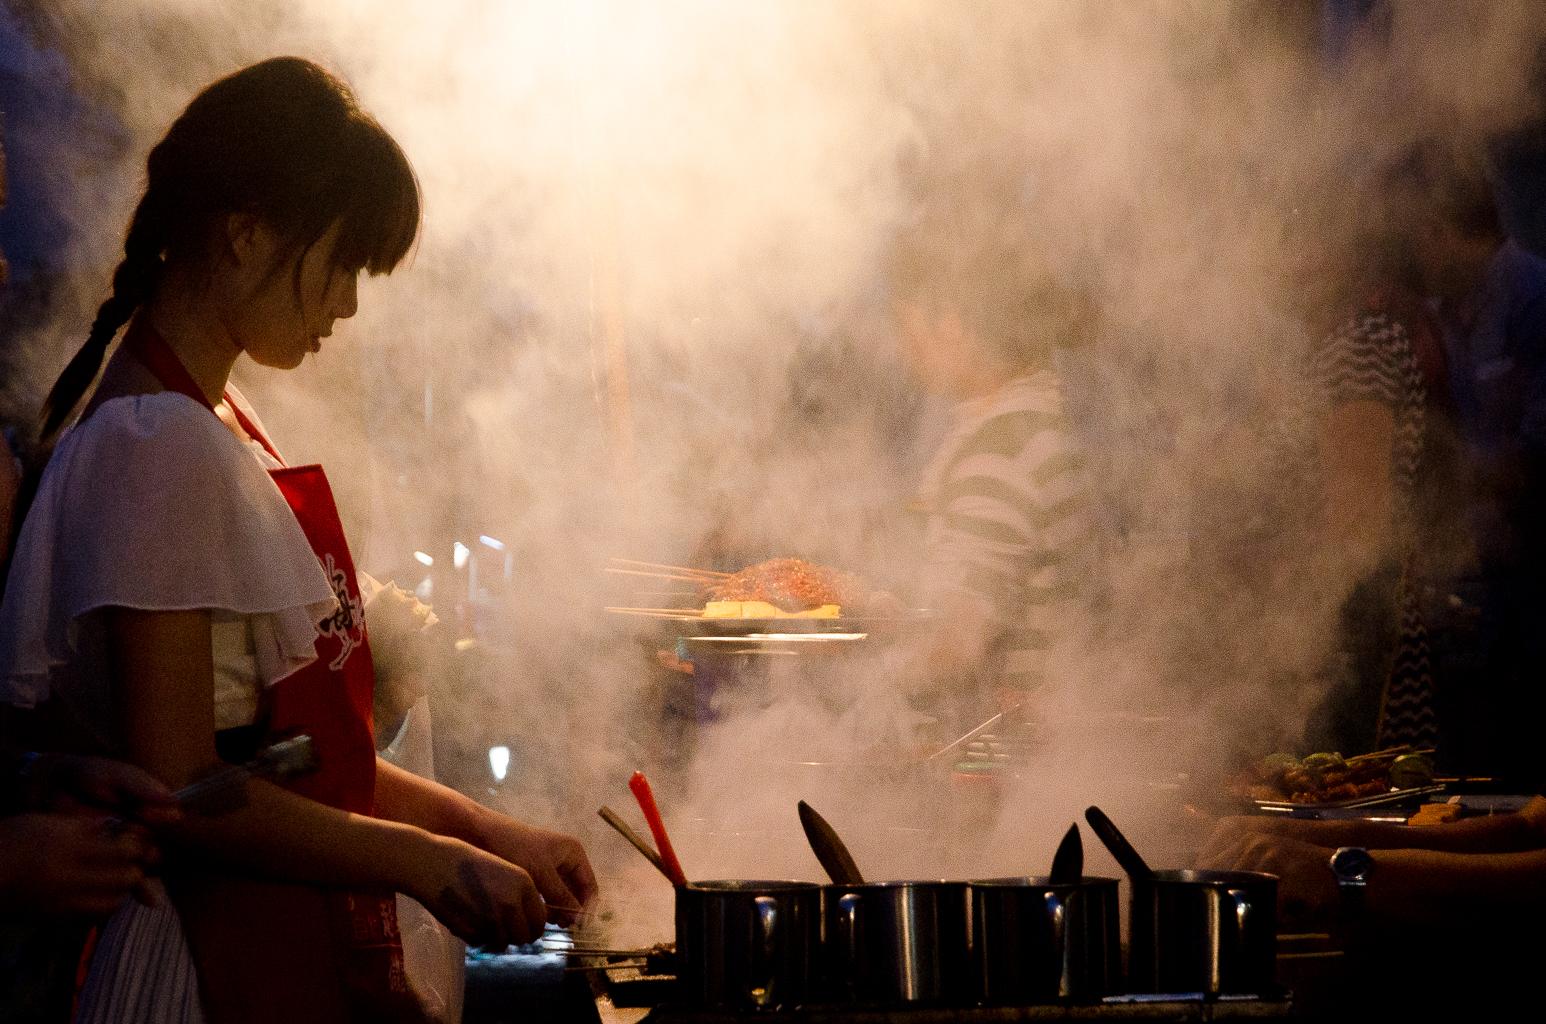 Hintergrundbilder : Lebensmittel, China, Rauch, Feuer, Küche